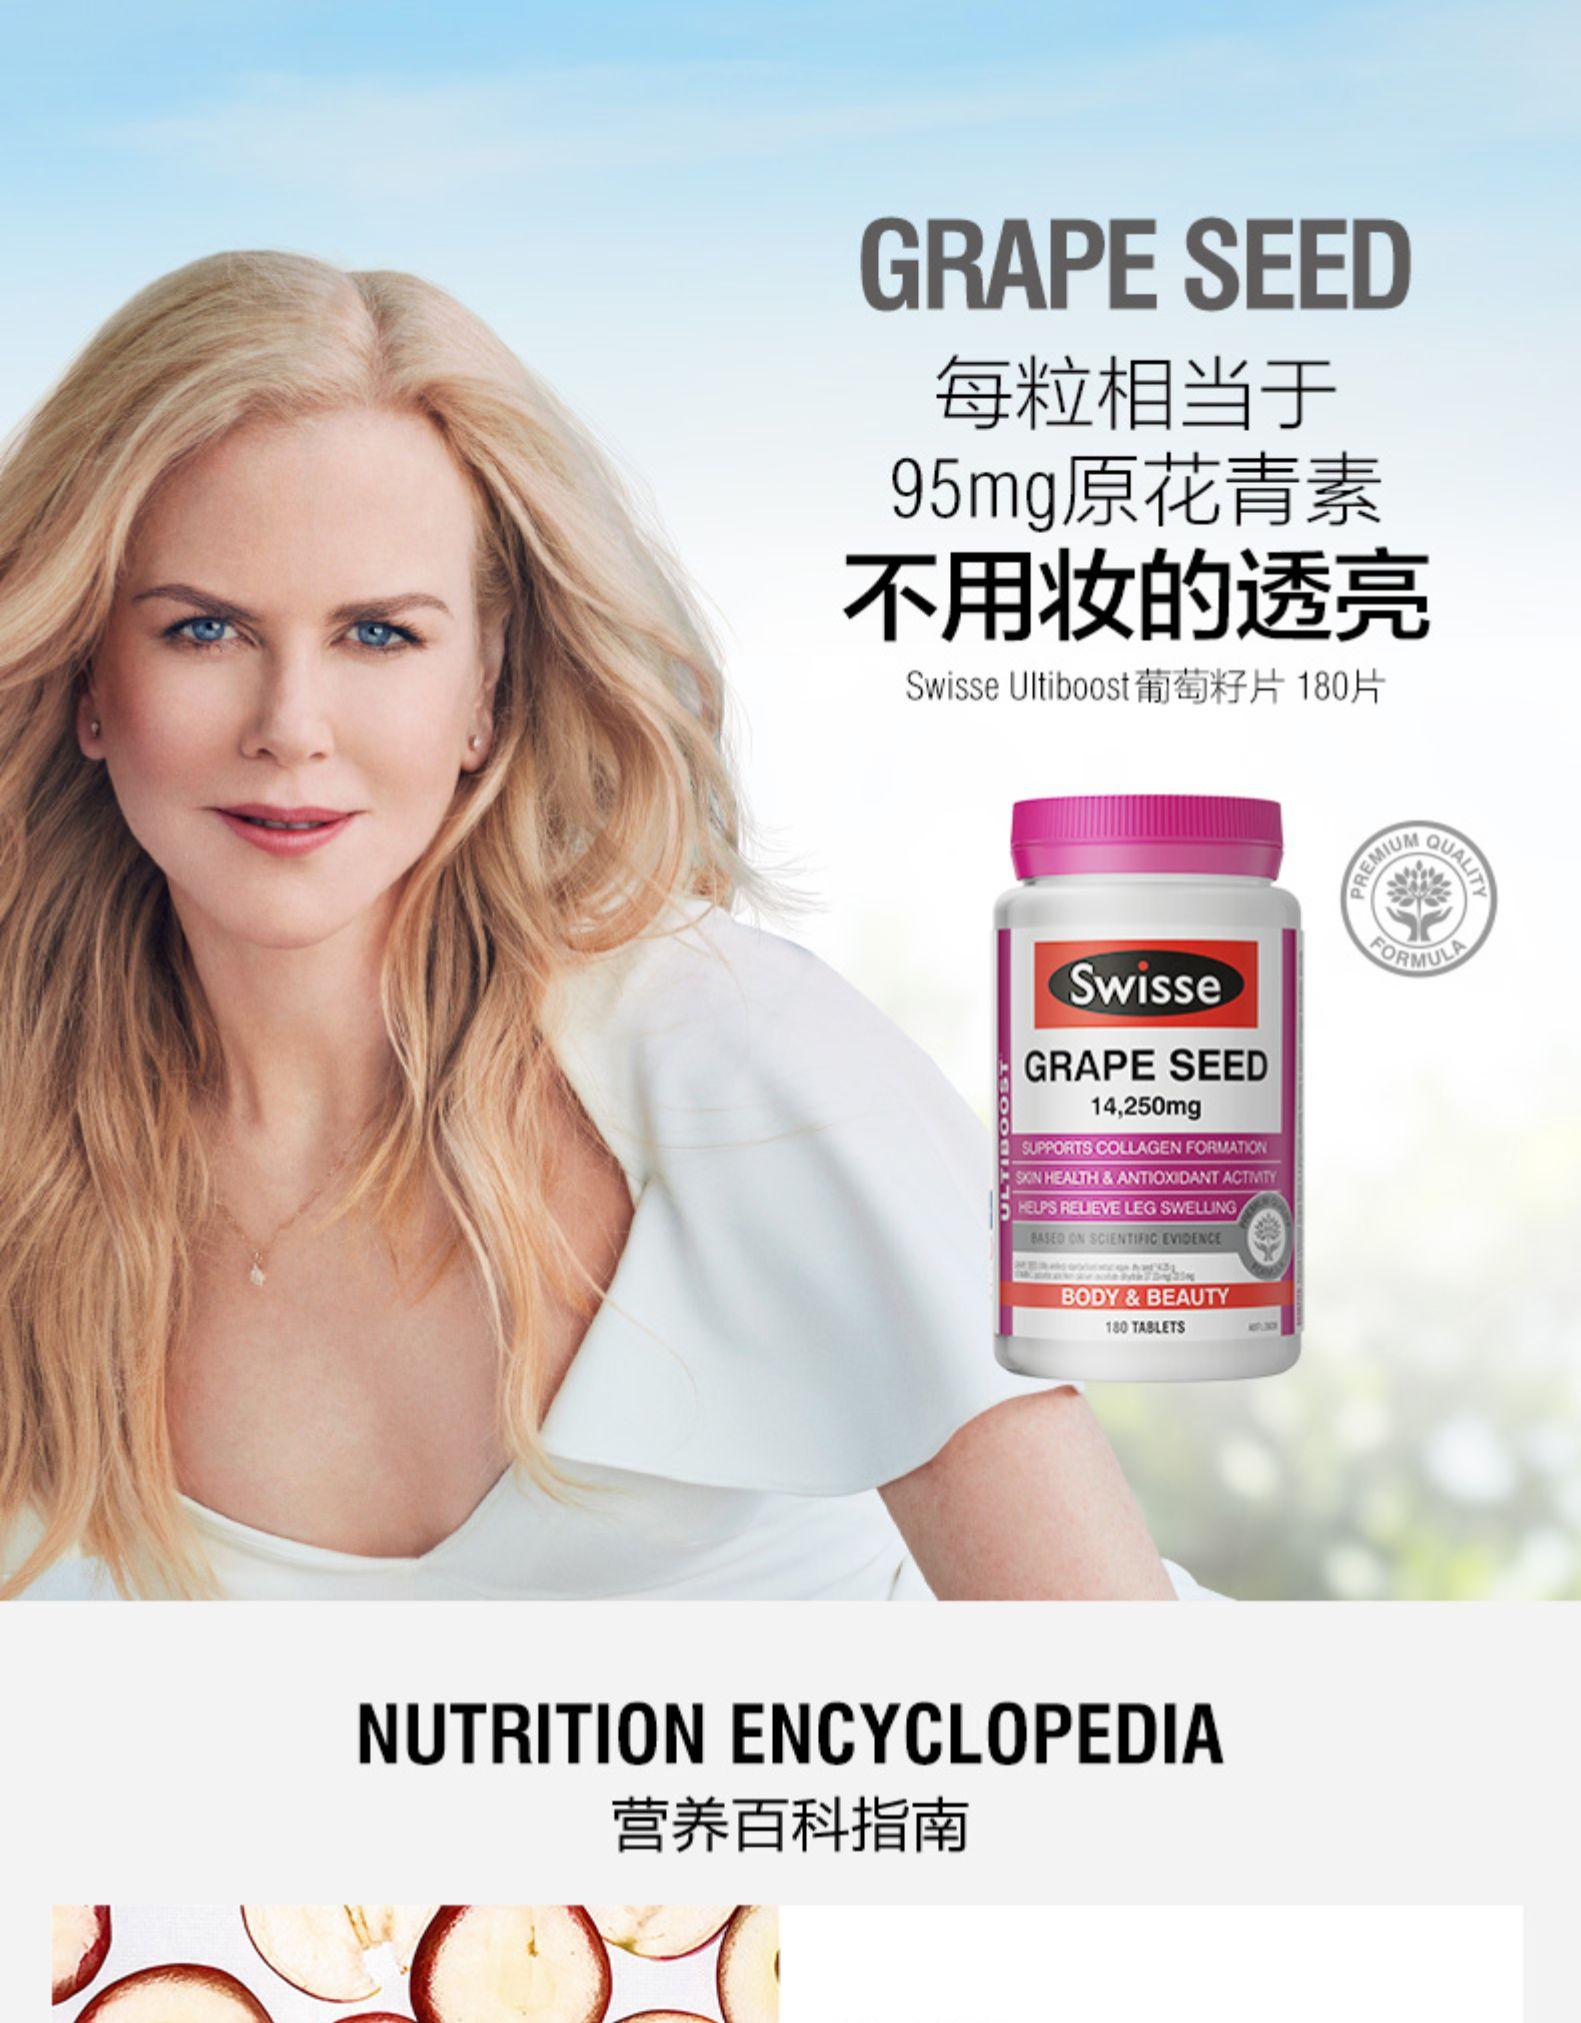 澳洲进口swisse 葡萄籽片 180粒 原花青素精华提取物 葡萄籽片 我们的产品 第2张